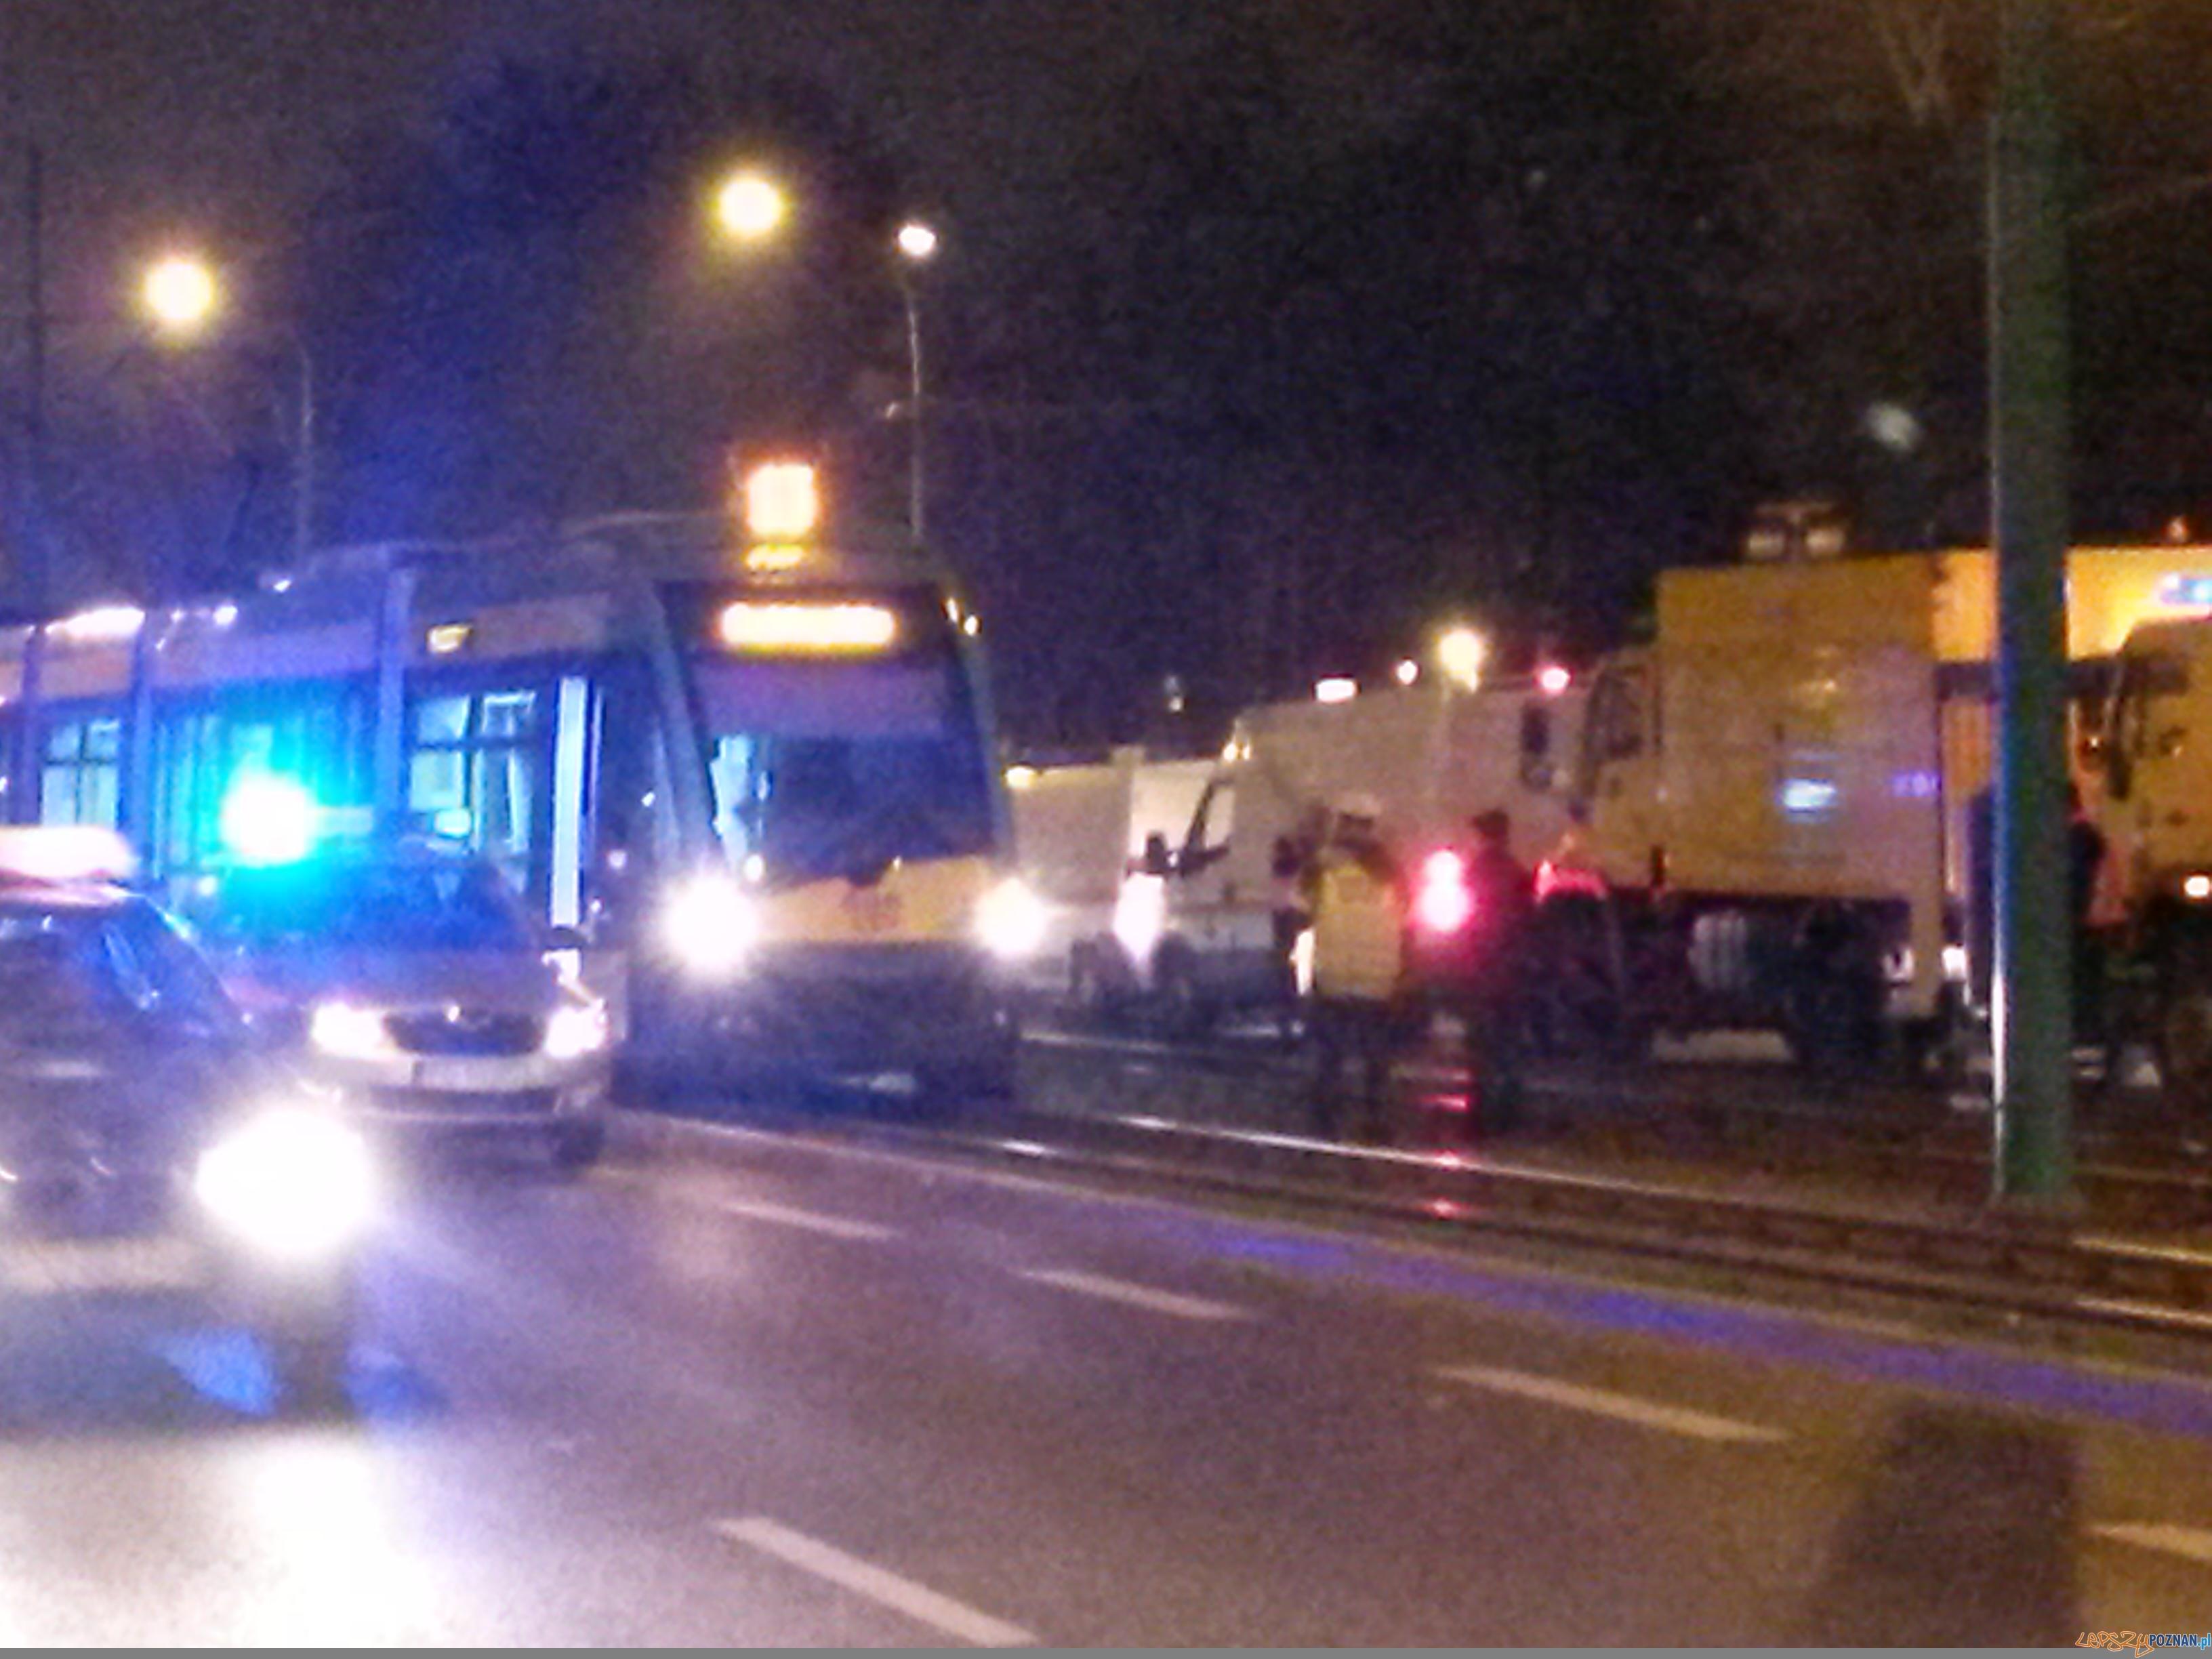 Wypadek na Grunwaldzkiej  Foto: lepszyPOZNAN.pl/ gsm